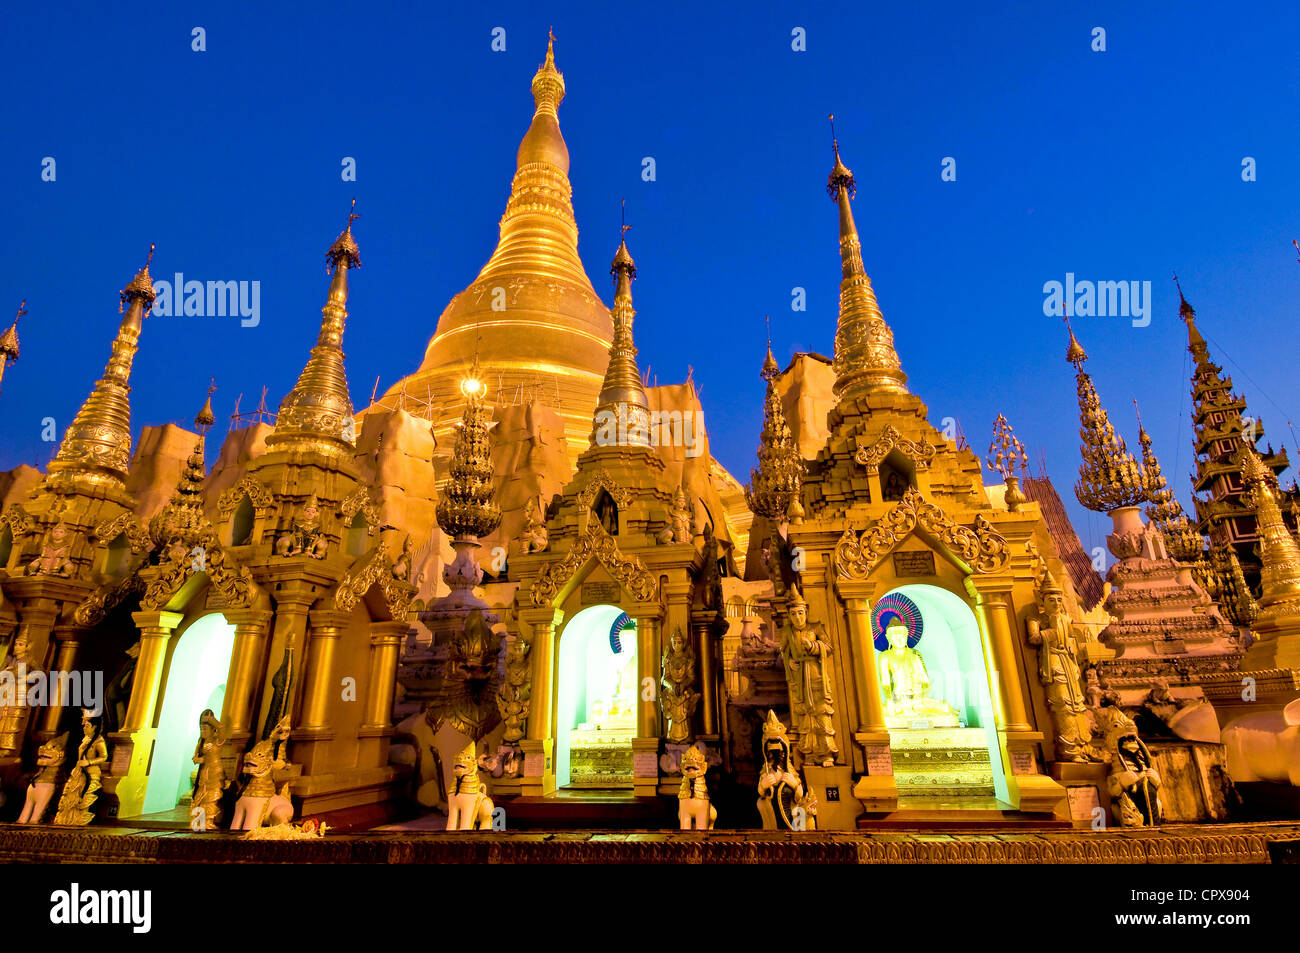 Myanmar (Burma), Yangon Division, Yangon, Kandawgyi District, park of the People, Shwedagon Pagoda (Paya Shwedagon) Stock Photo